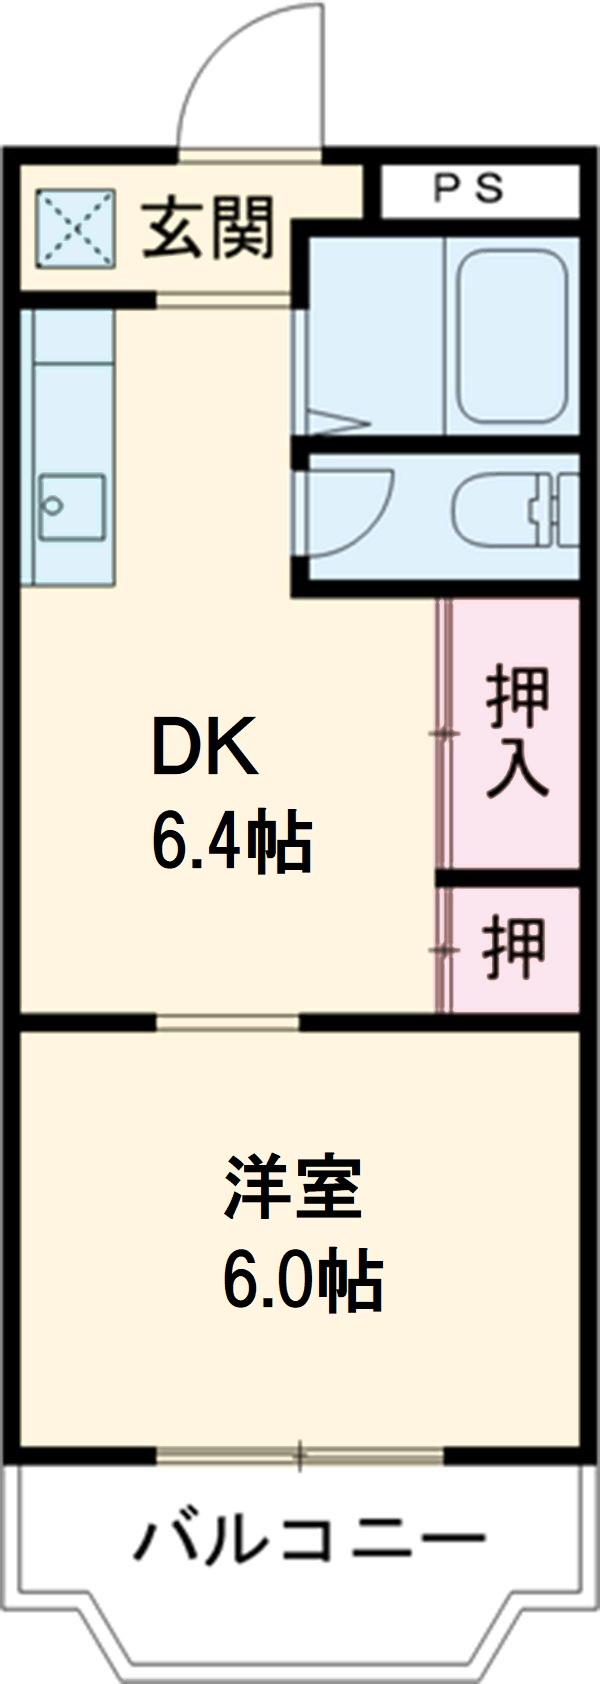 グレイス第1マンション 505号室の間取り